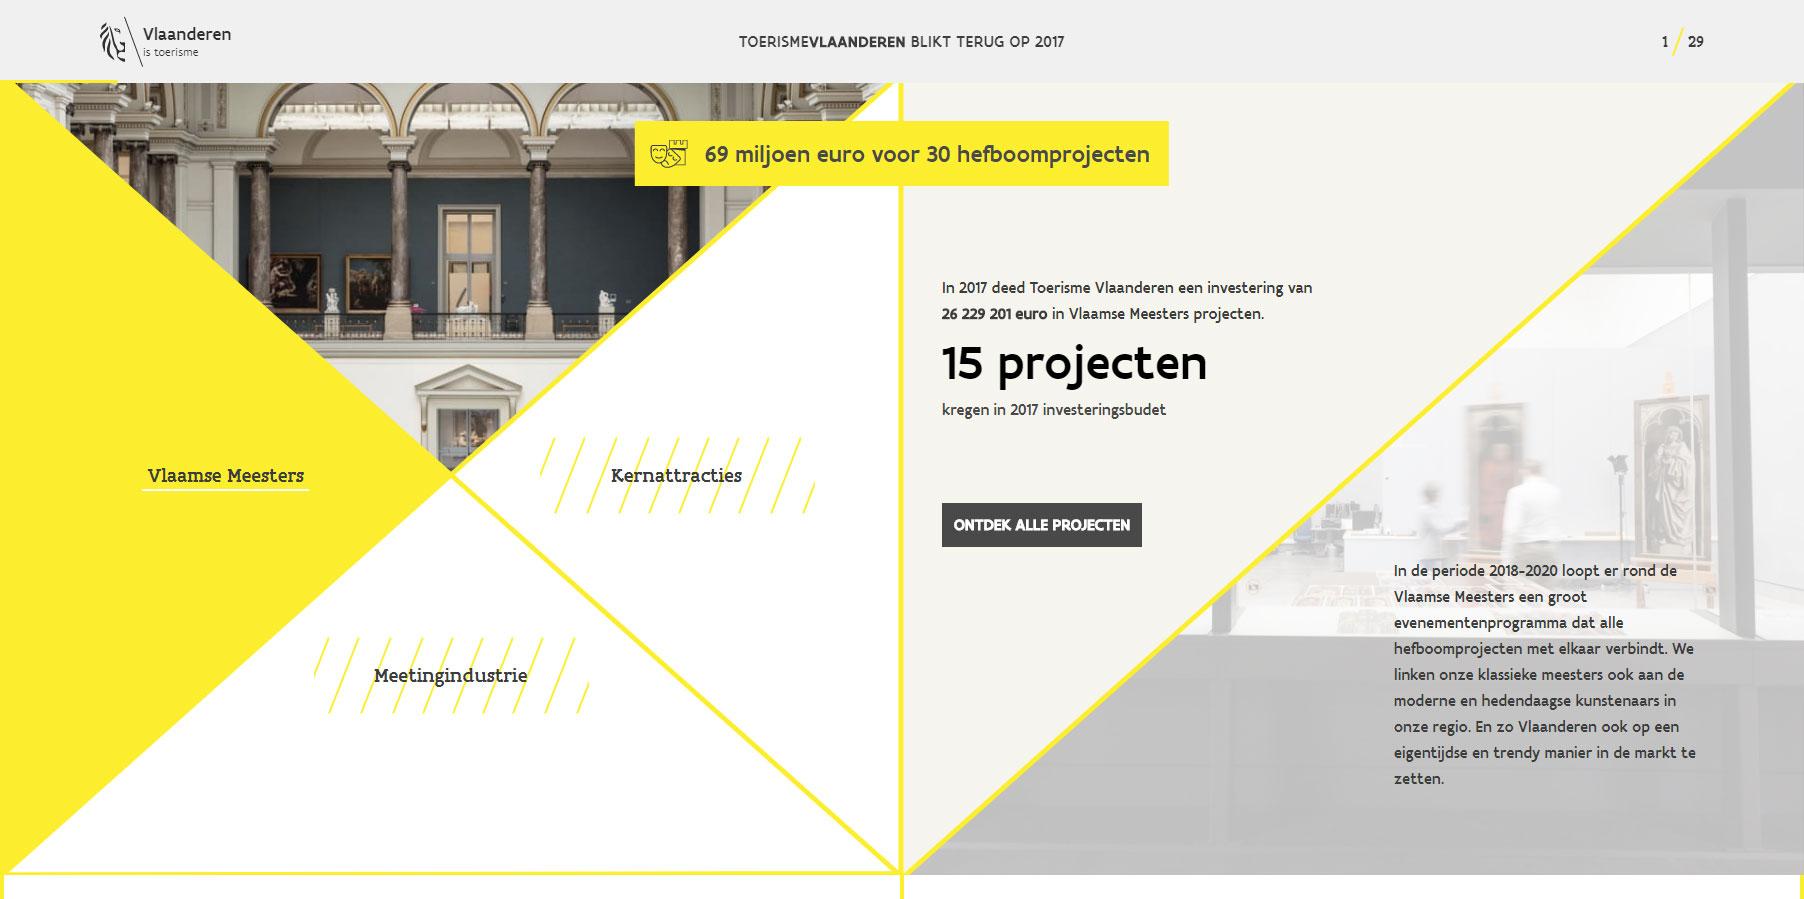 Toerisme Vlaanderen - Resulaten 2017 - Website of the Day